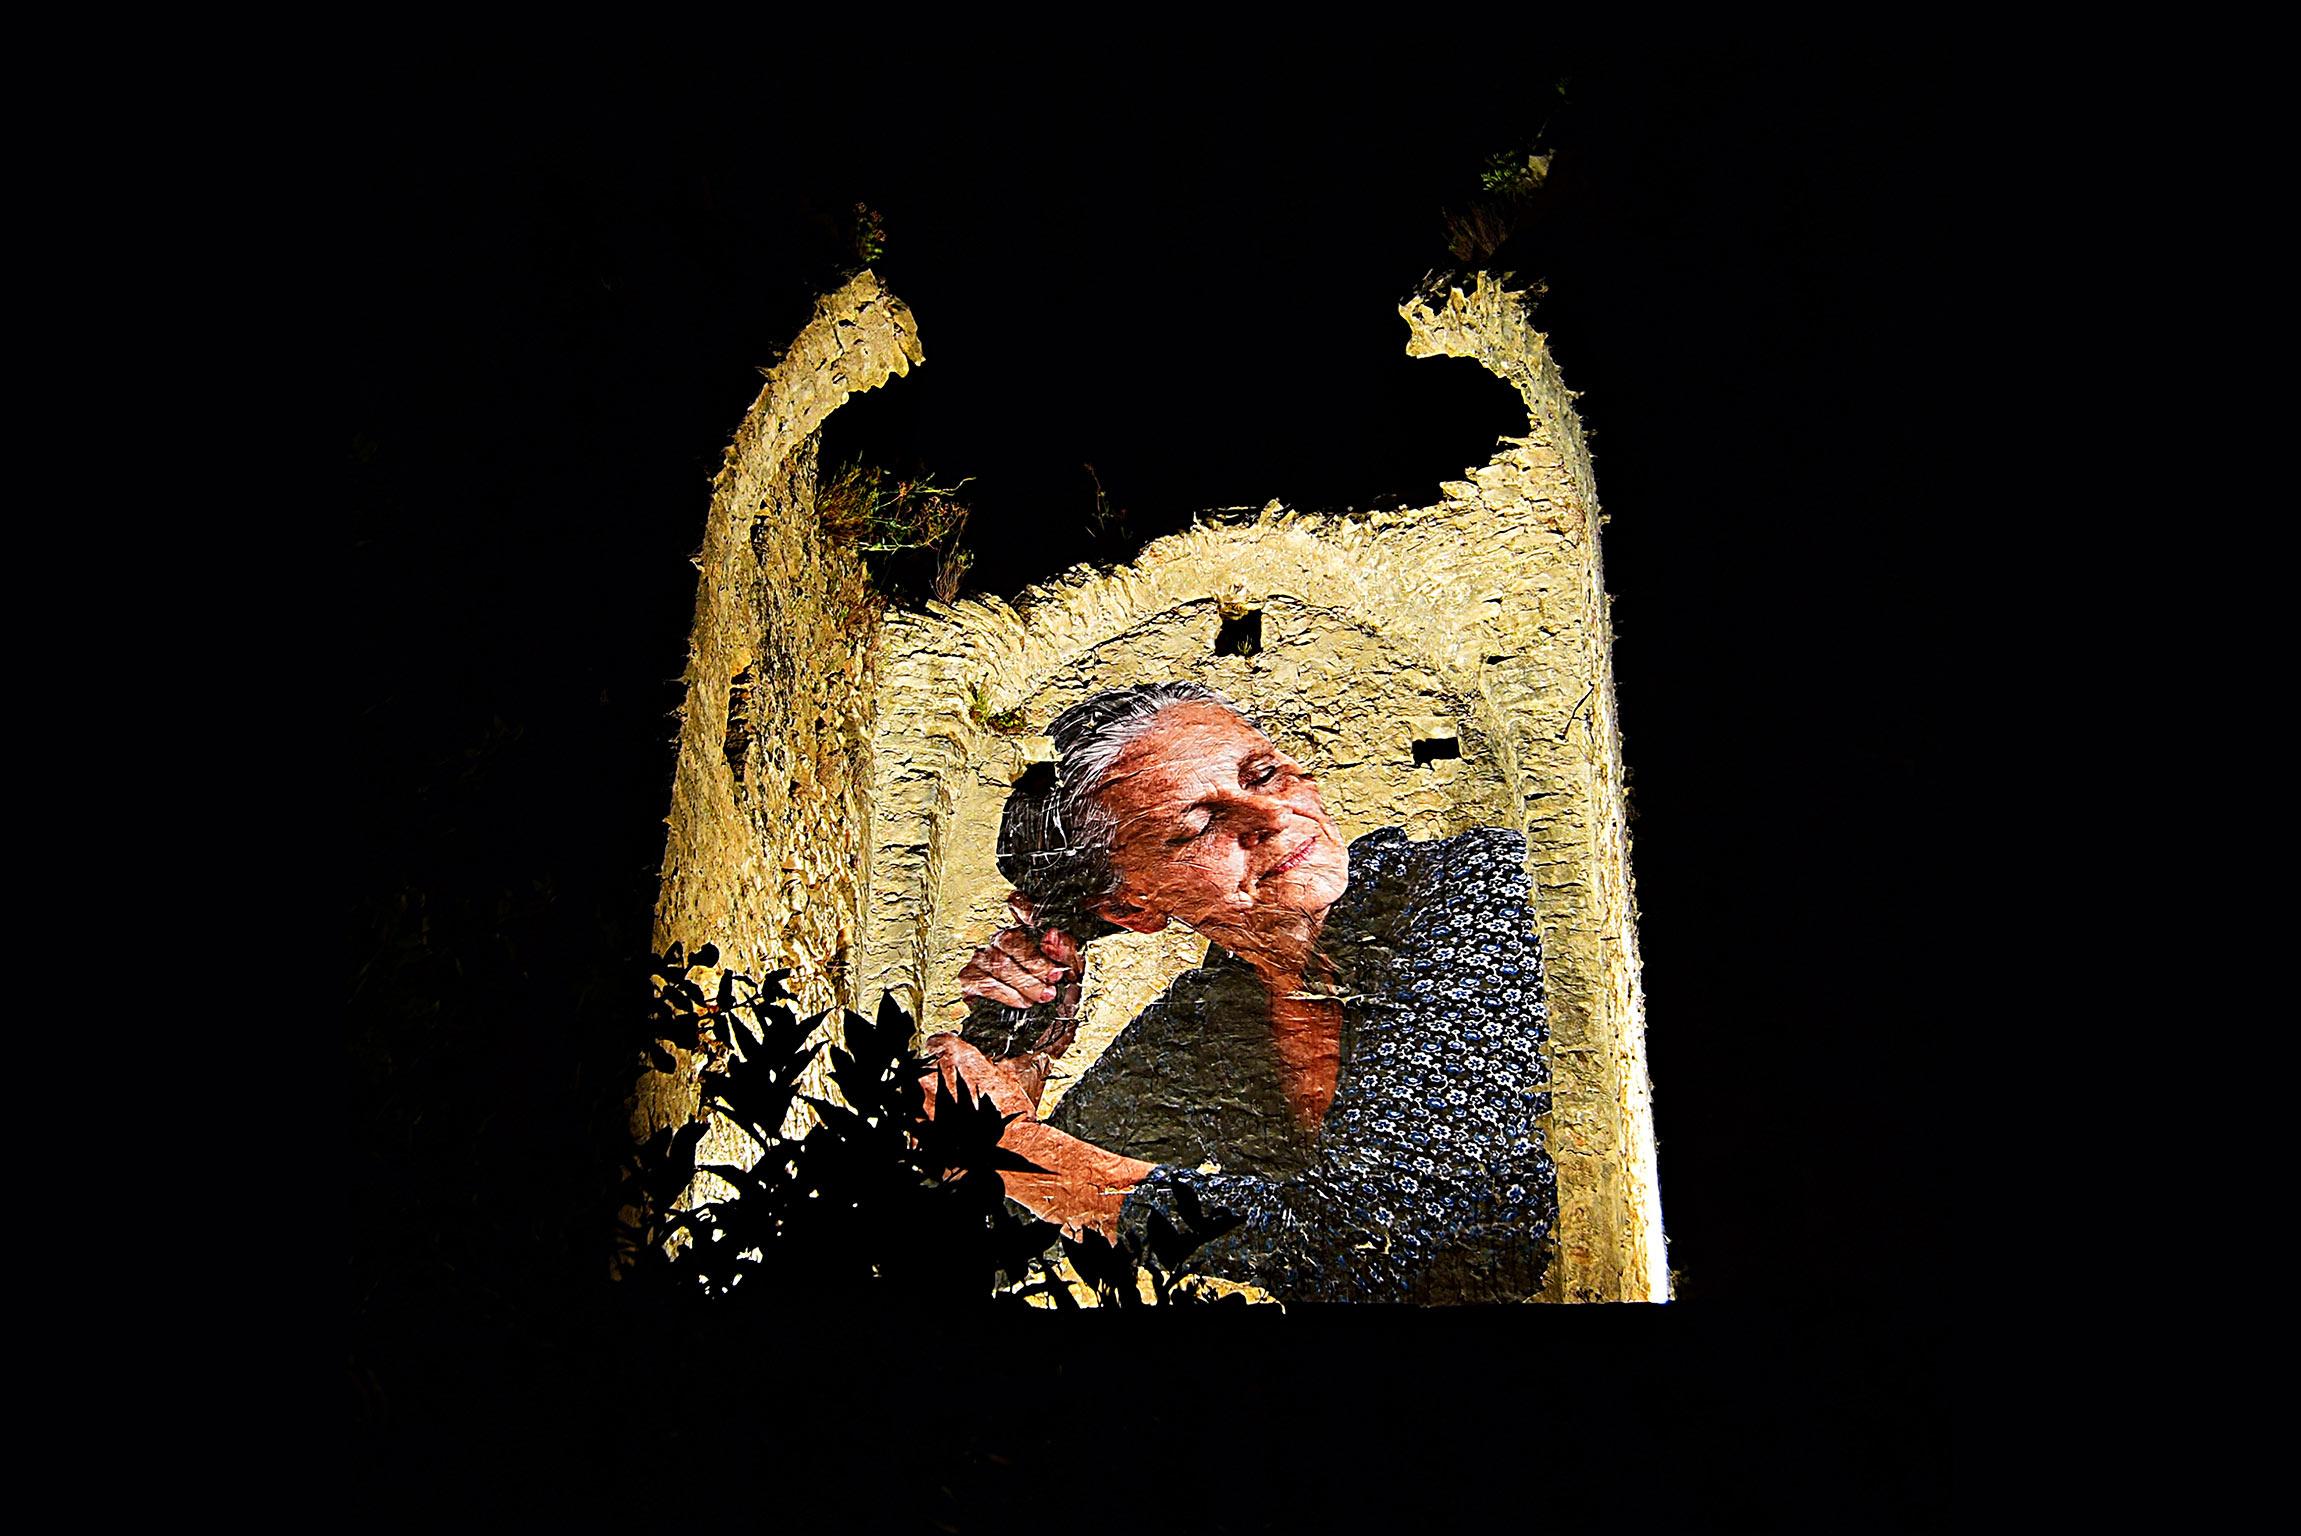 """""""Il bicchiere mezzo pieno"""" - Murales di Bifido (Credits: Marcello De Meo)"""